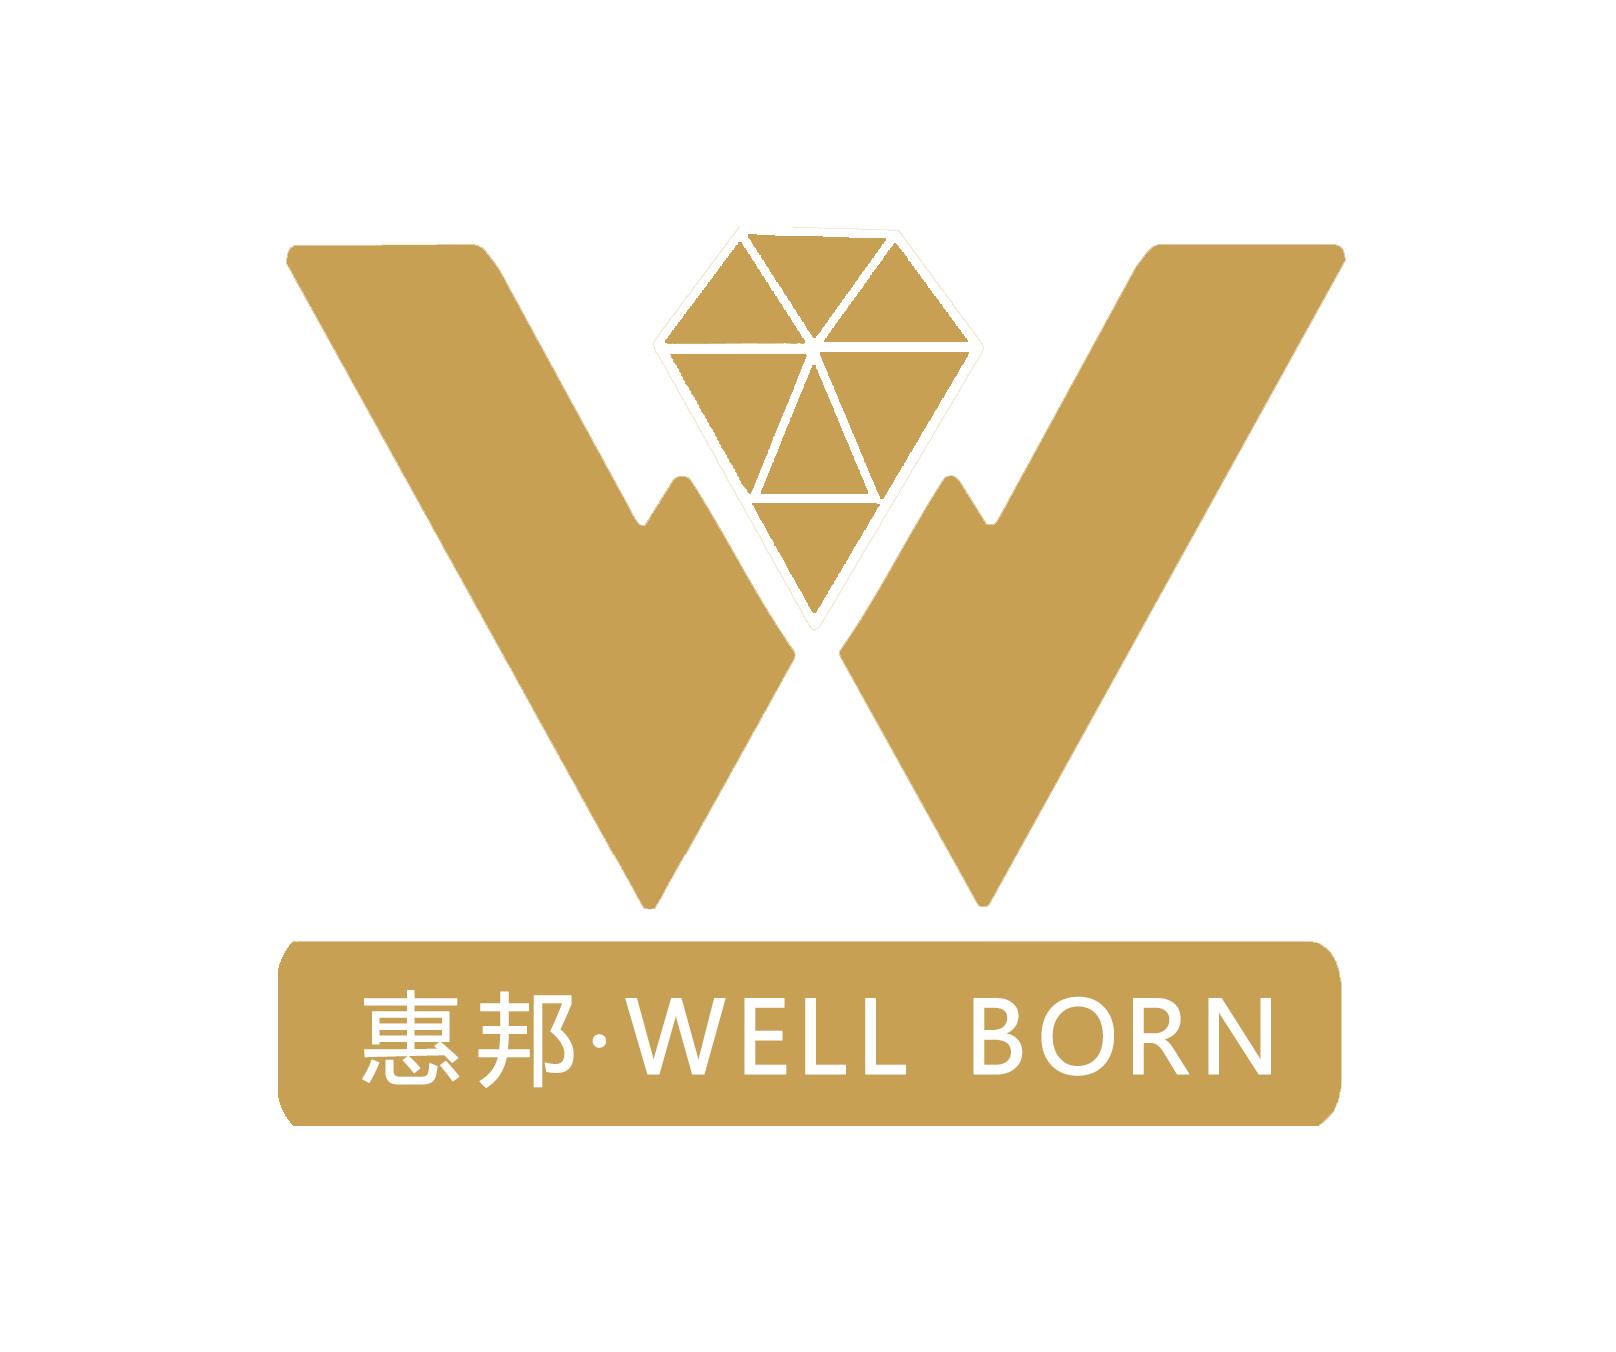 重慶惠邦建設工程有限公司_聯英人才網_hrm.cn